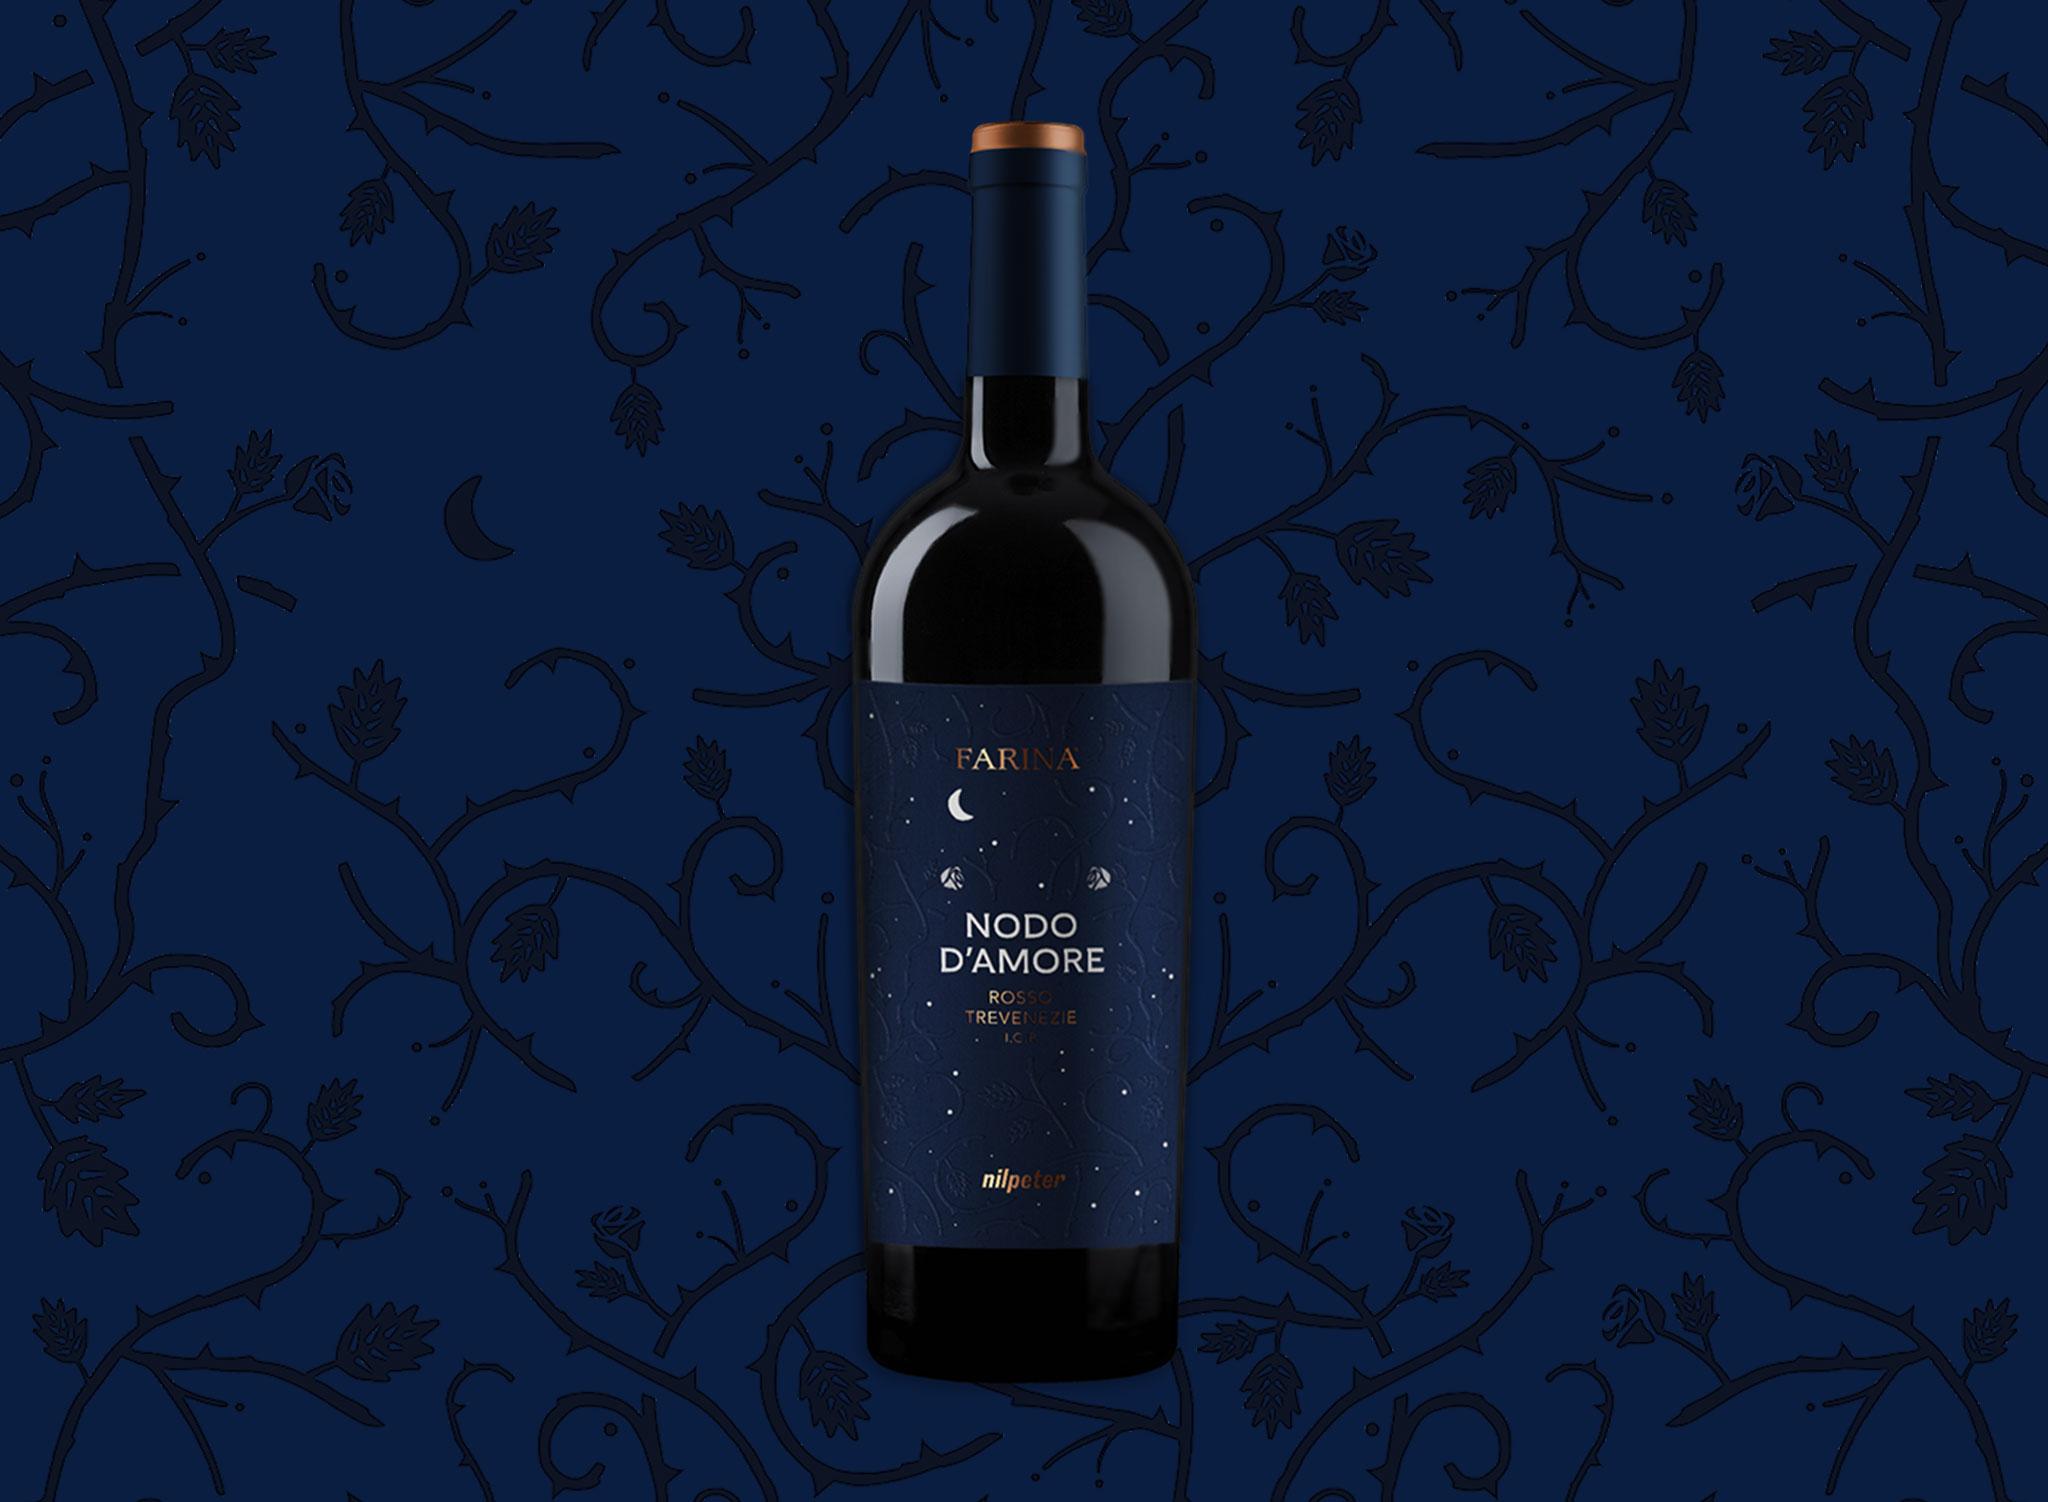 Bottiglia con etichetta blu su sfondo scuro ispirata a Romeo e Giulietta